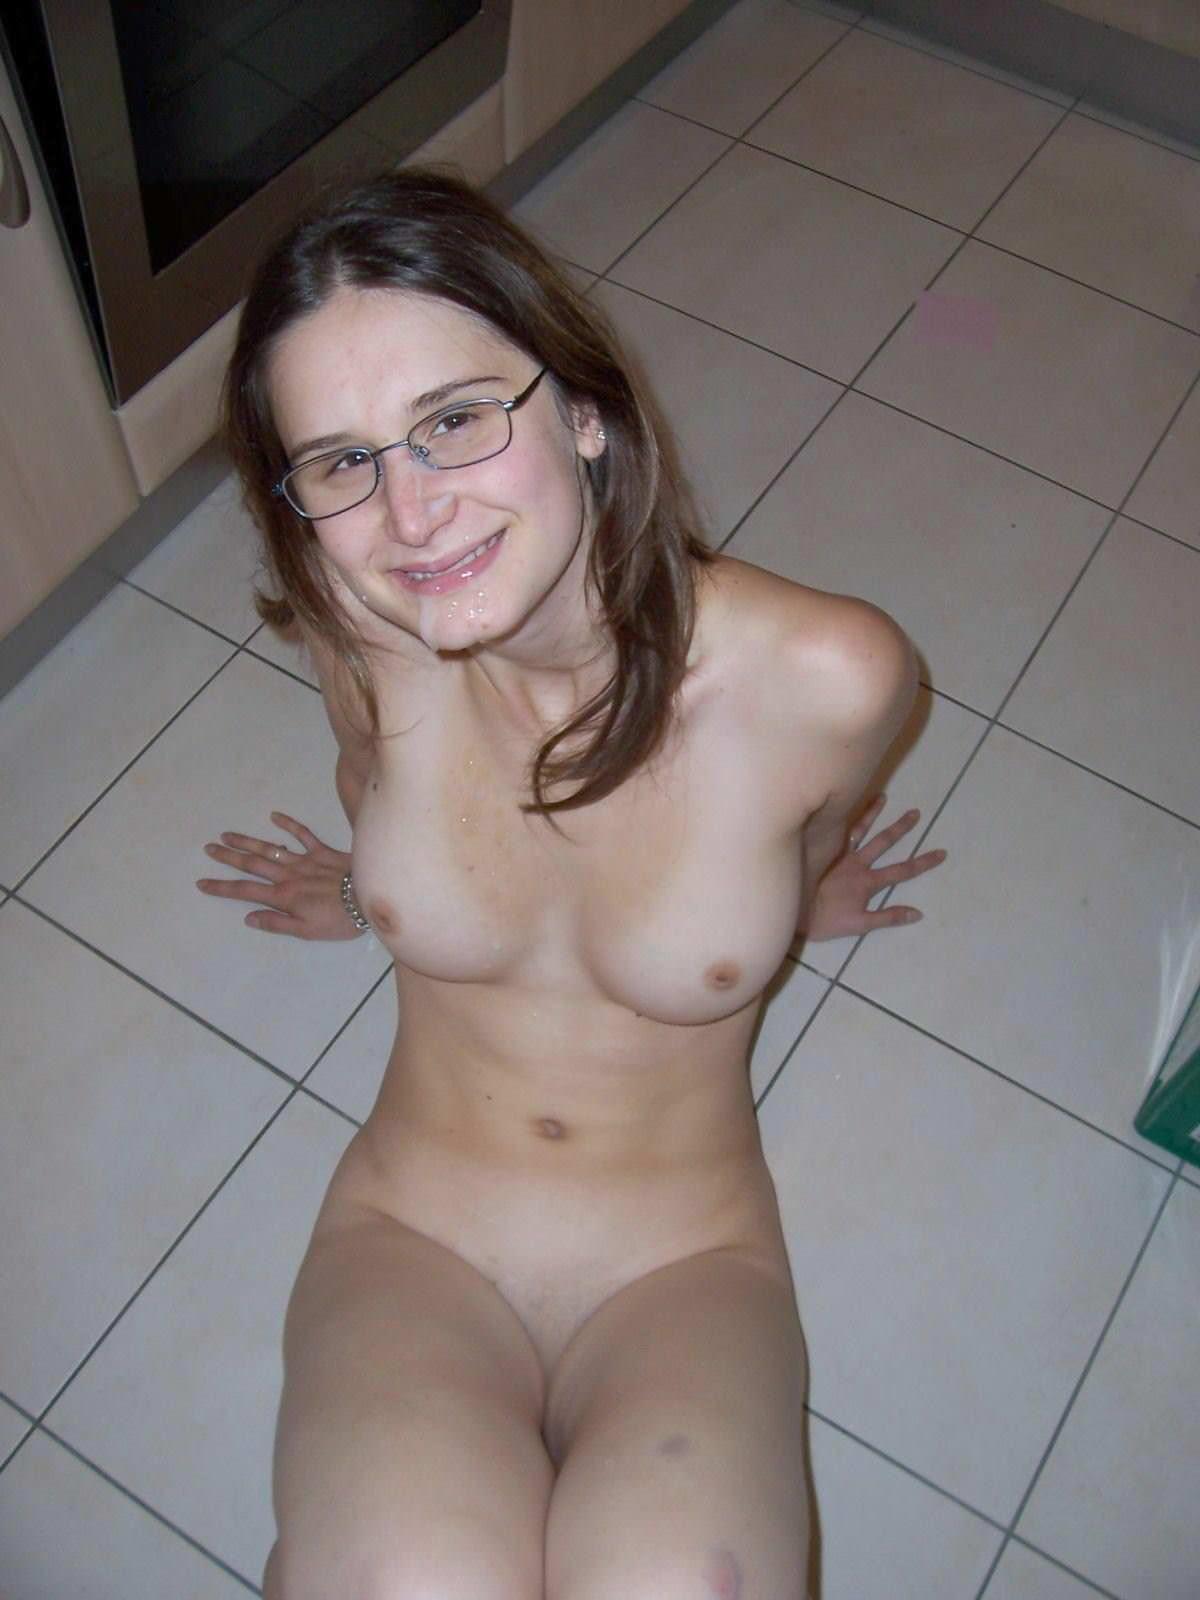 【外人】海外の素人女子メガネっ娘が自画撮りしておっぱい晒すポルノ画像 4270